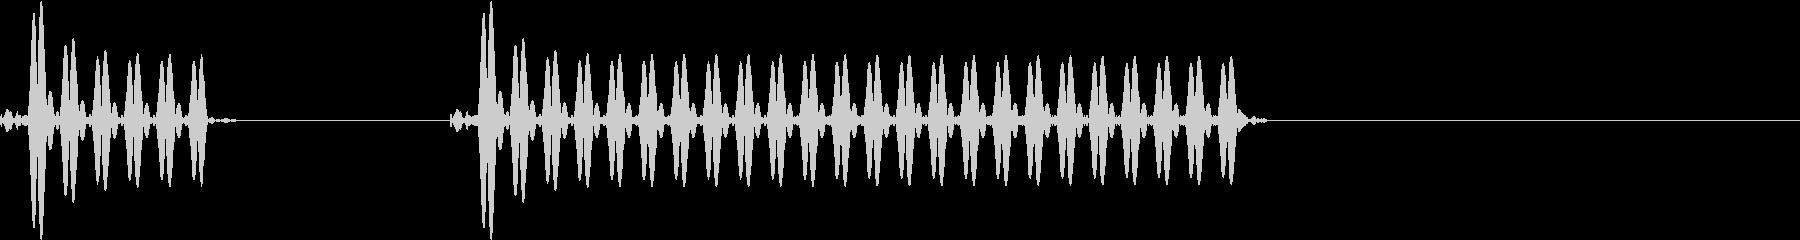 ブッブー 不正解音の未再生の波形